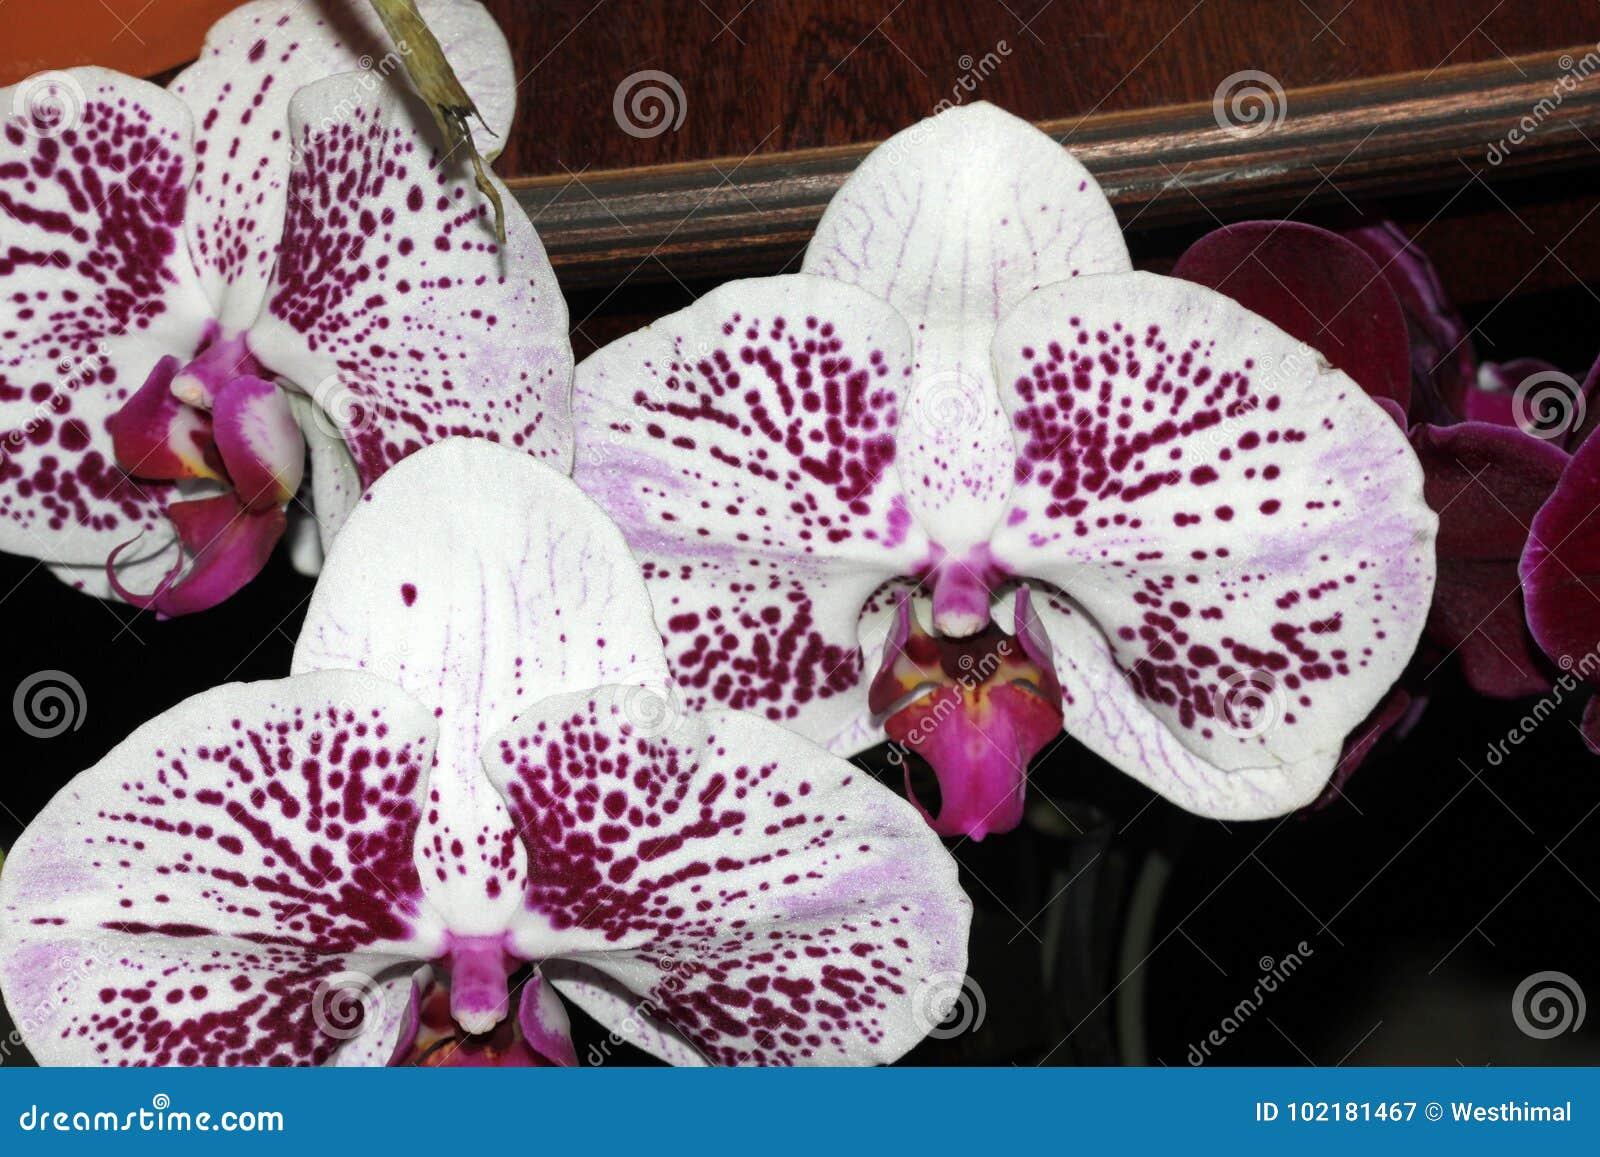 Moth orchid white mottled cultivar, Phalaenopsis